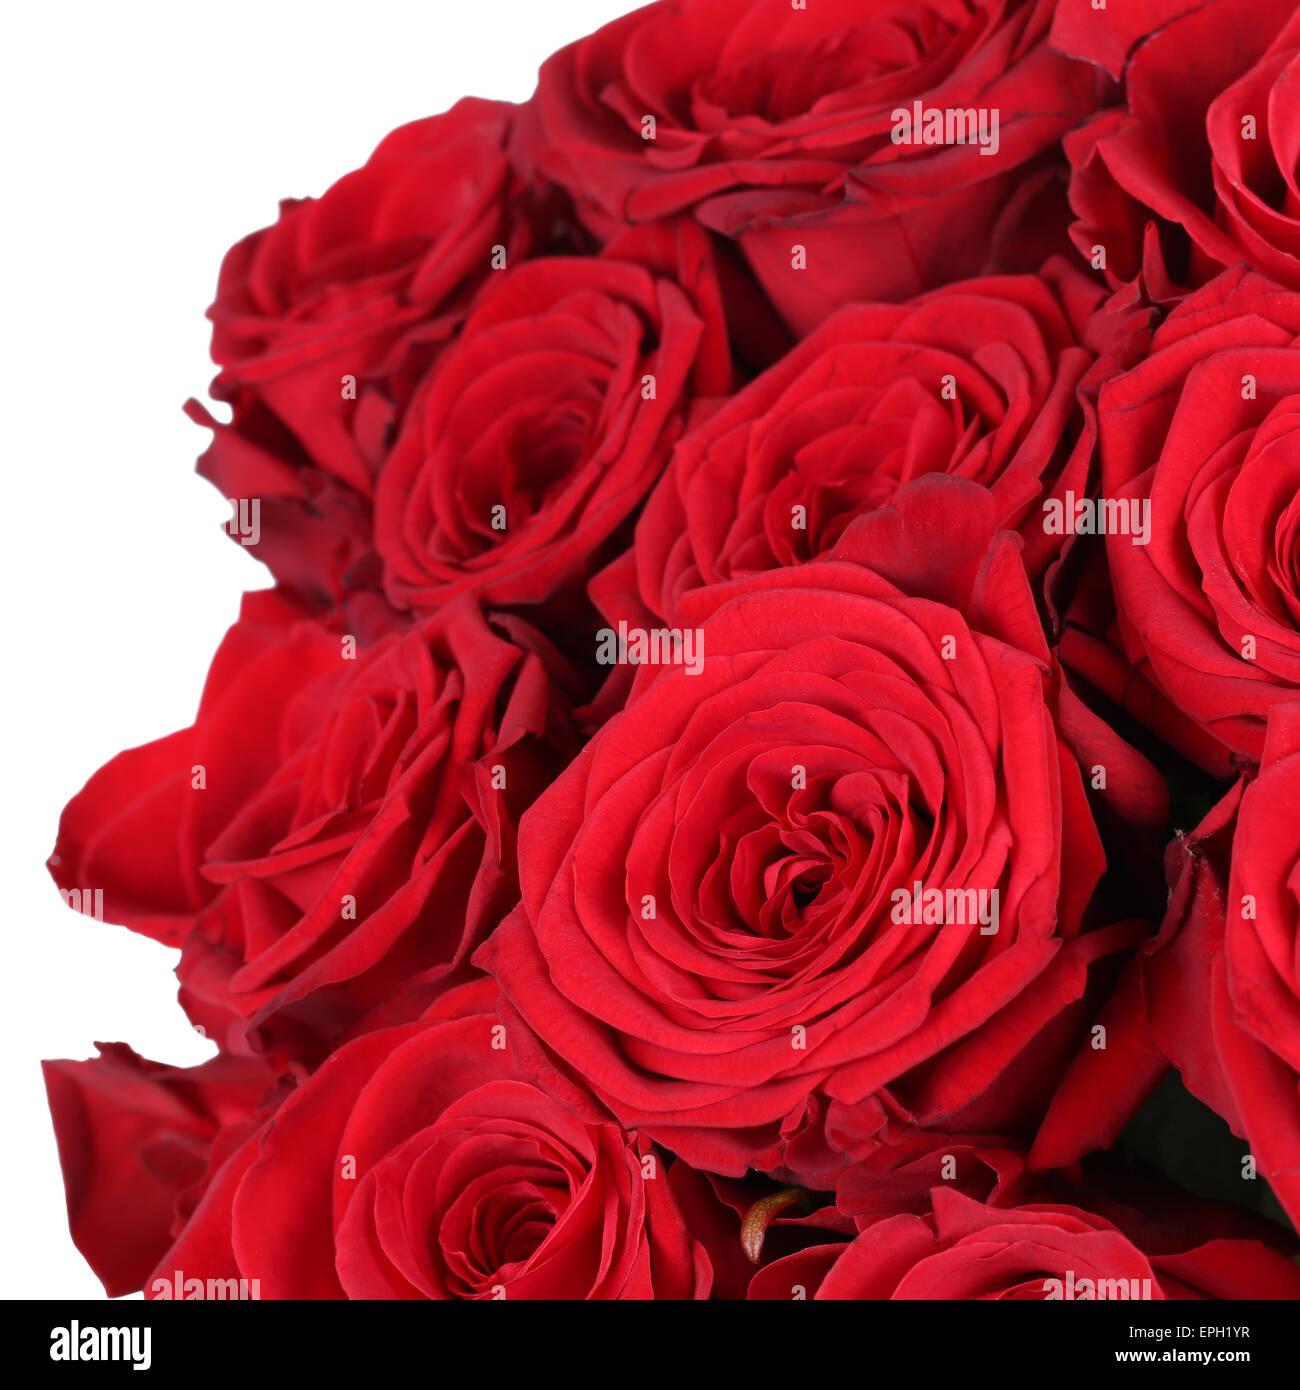 Rosenstrauß Schenken Zum Geburtstag, Valentinstag Oder Muttertag